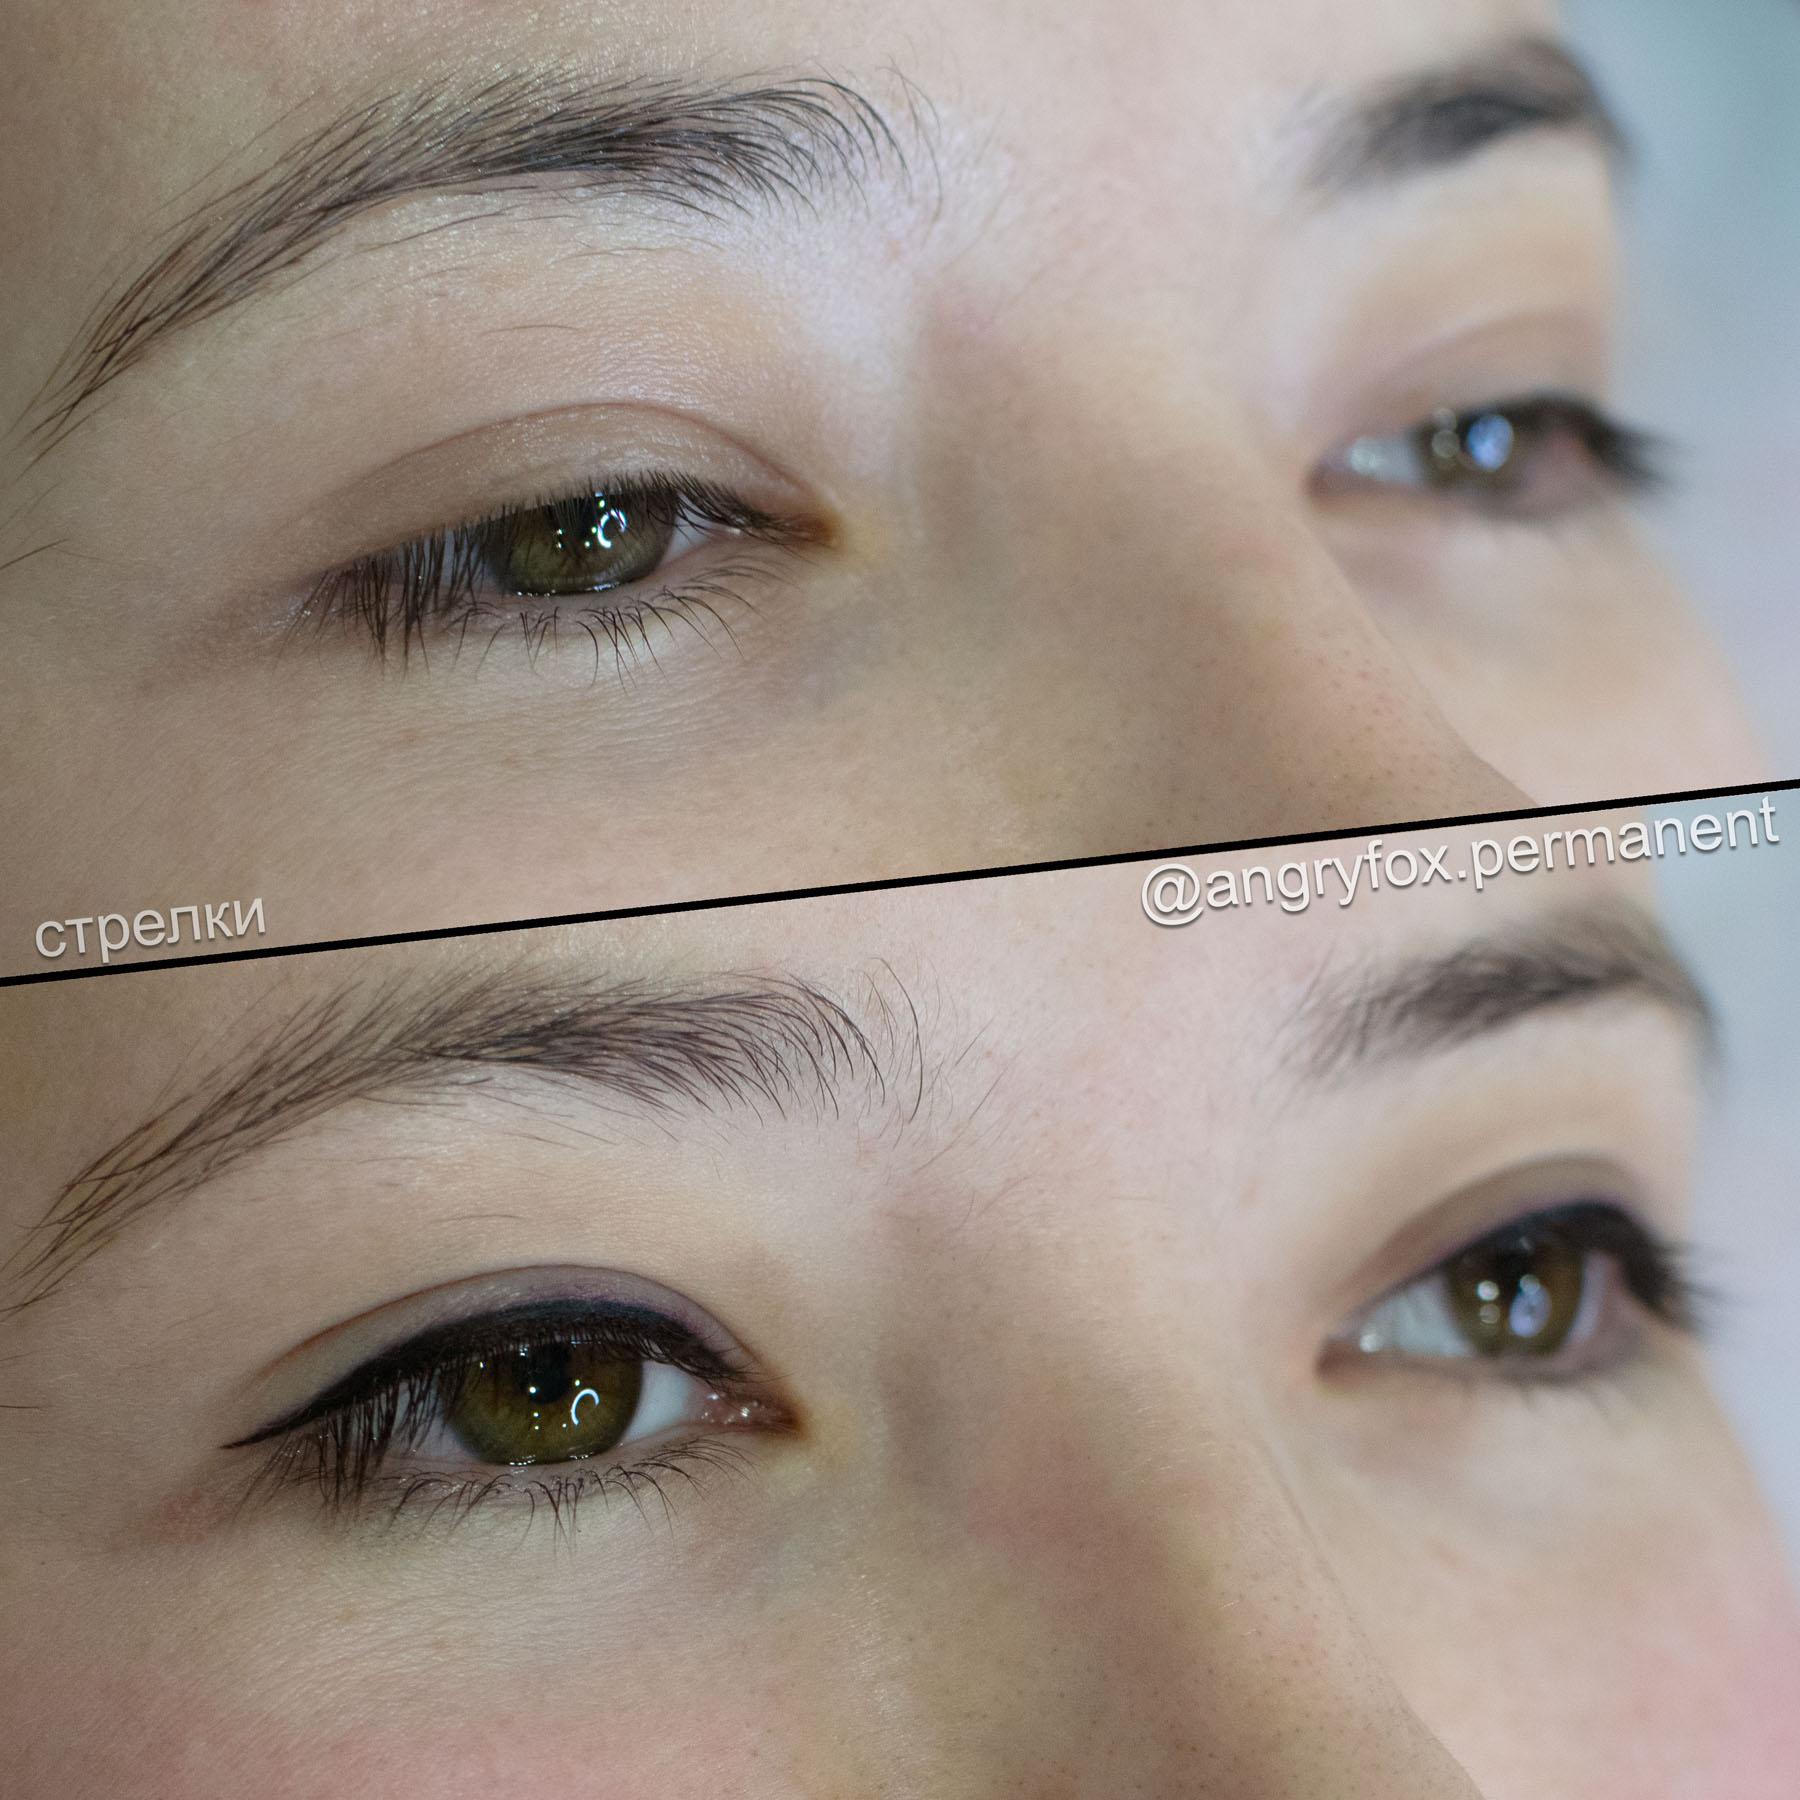 перманентный макияж, перманент, перманент глаз, татуаж глаз, веко, стрелки, межресничная линия